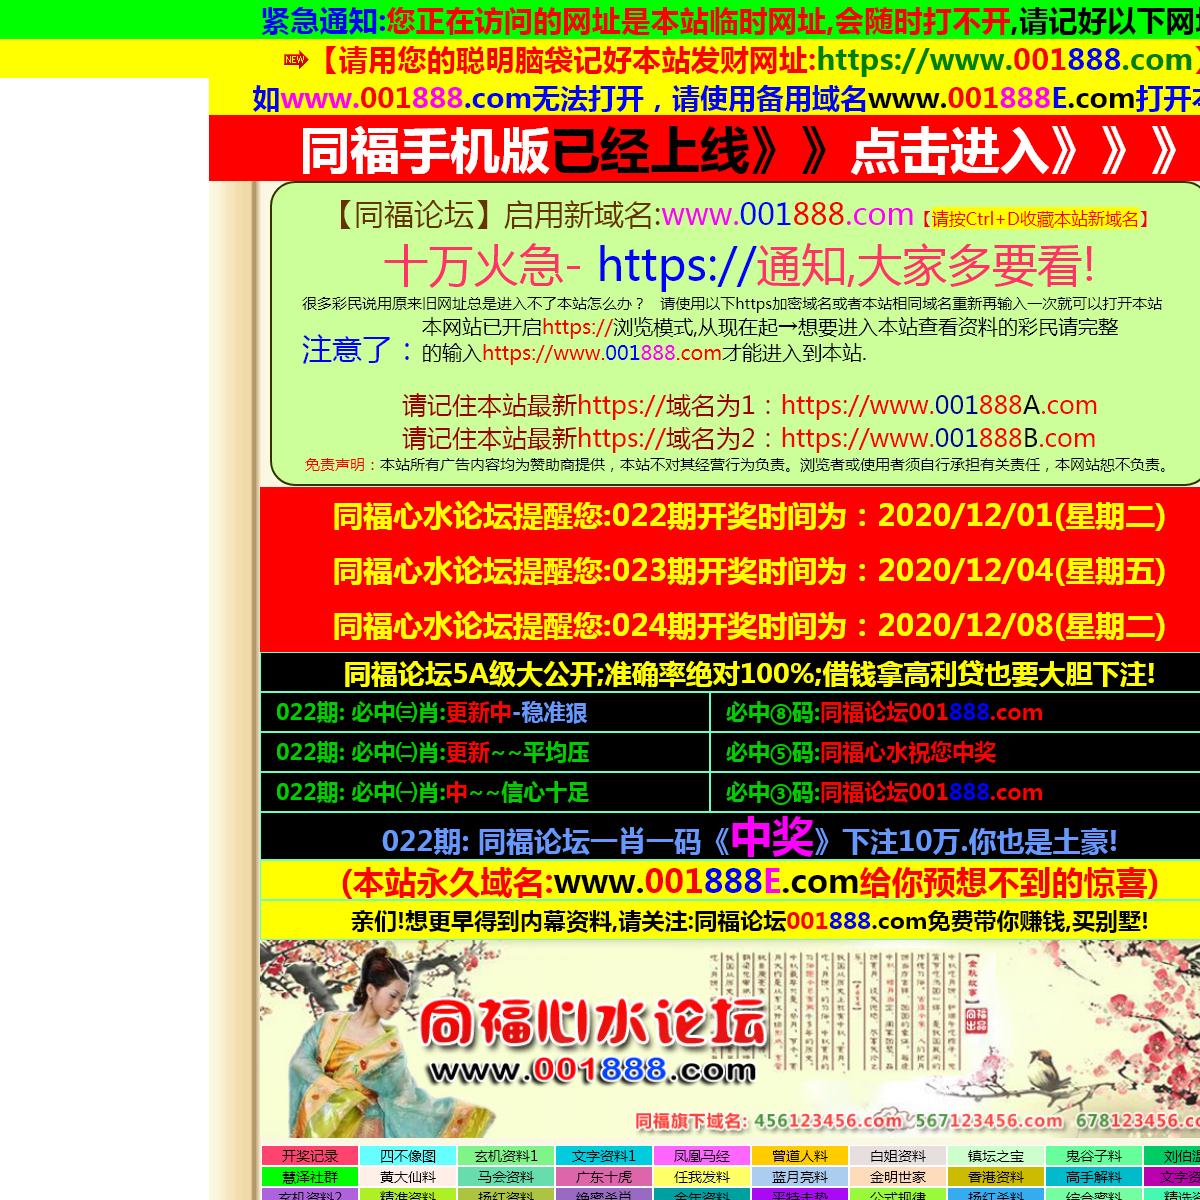 码料第一资料,码料公开网站,白小姐生肖中特开奖结果查询,78554.com——会同县最新新闻消息